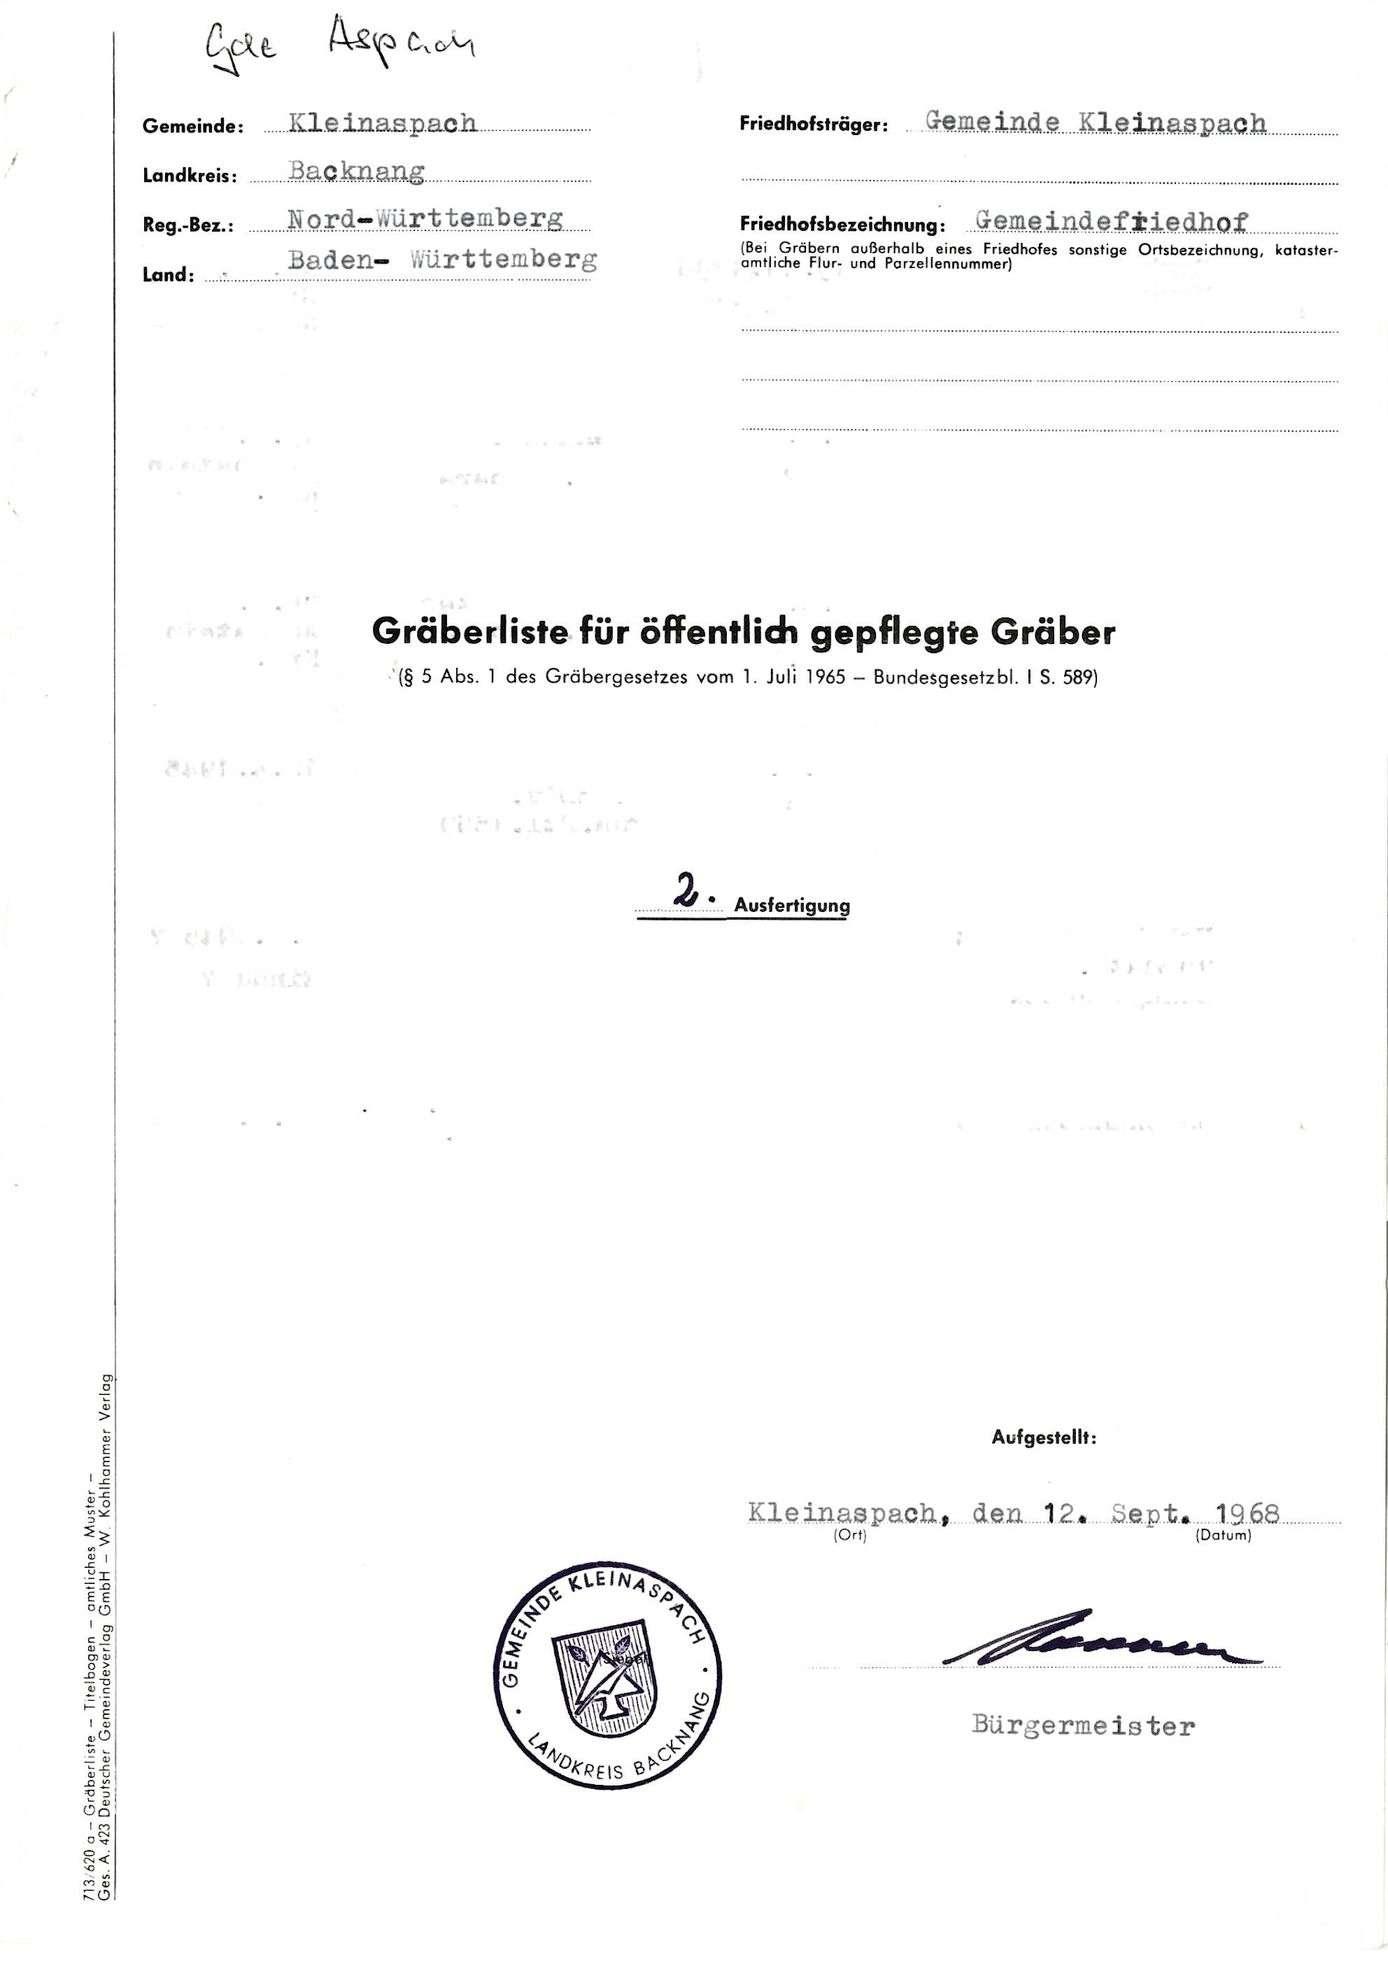 Kleinaspach, Bild 1